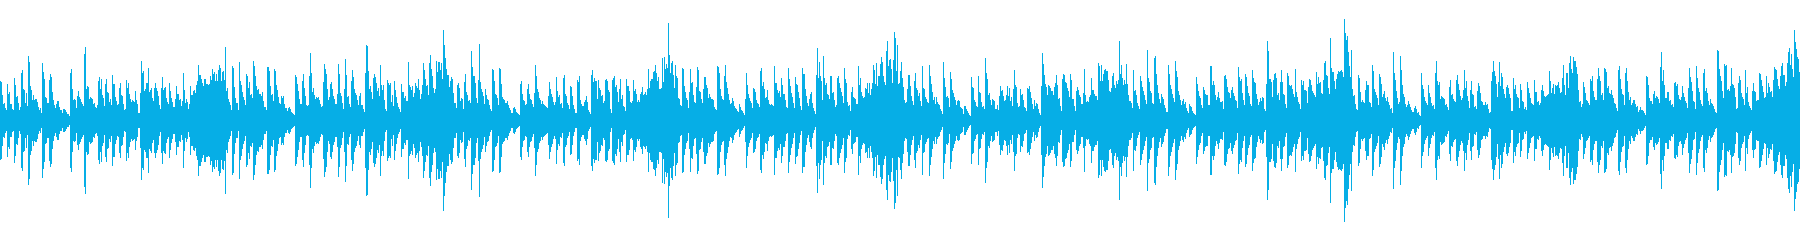 クールかつサイバーな上質テクノの再生済みの波形